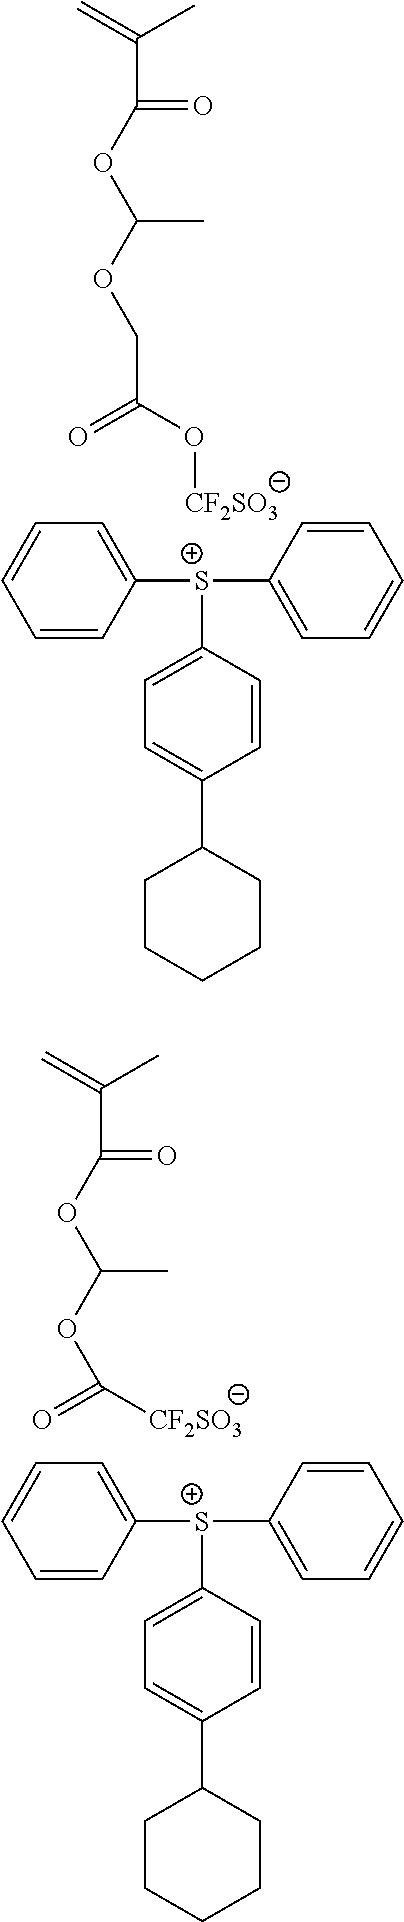 Figure US20110269074A1-20111103-C00002